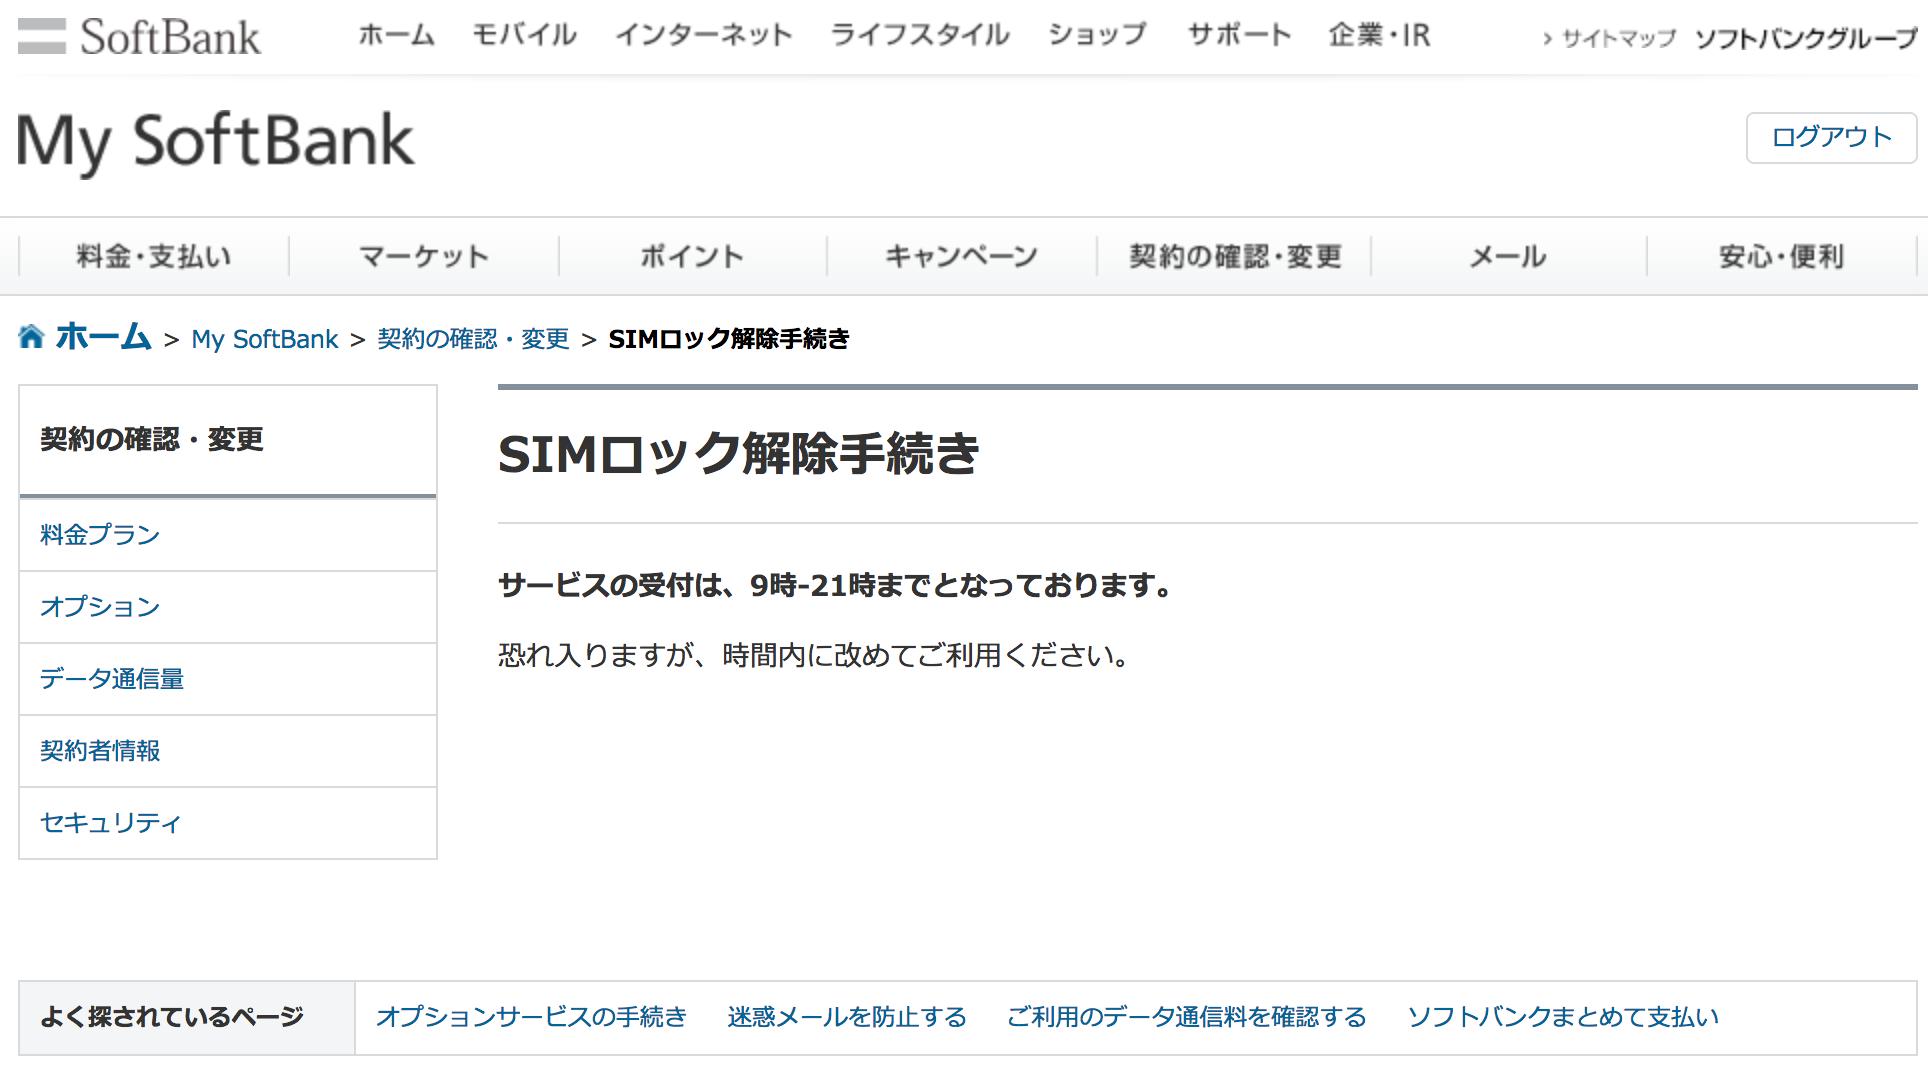 ソフトバンクのMy SoftbankからSIMロック解除しようとしたらできなかった